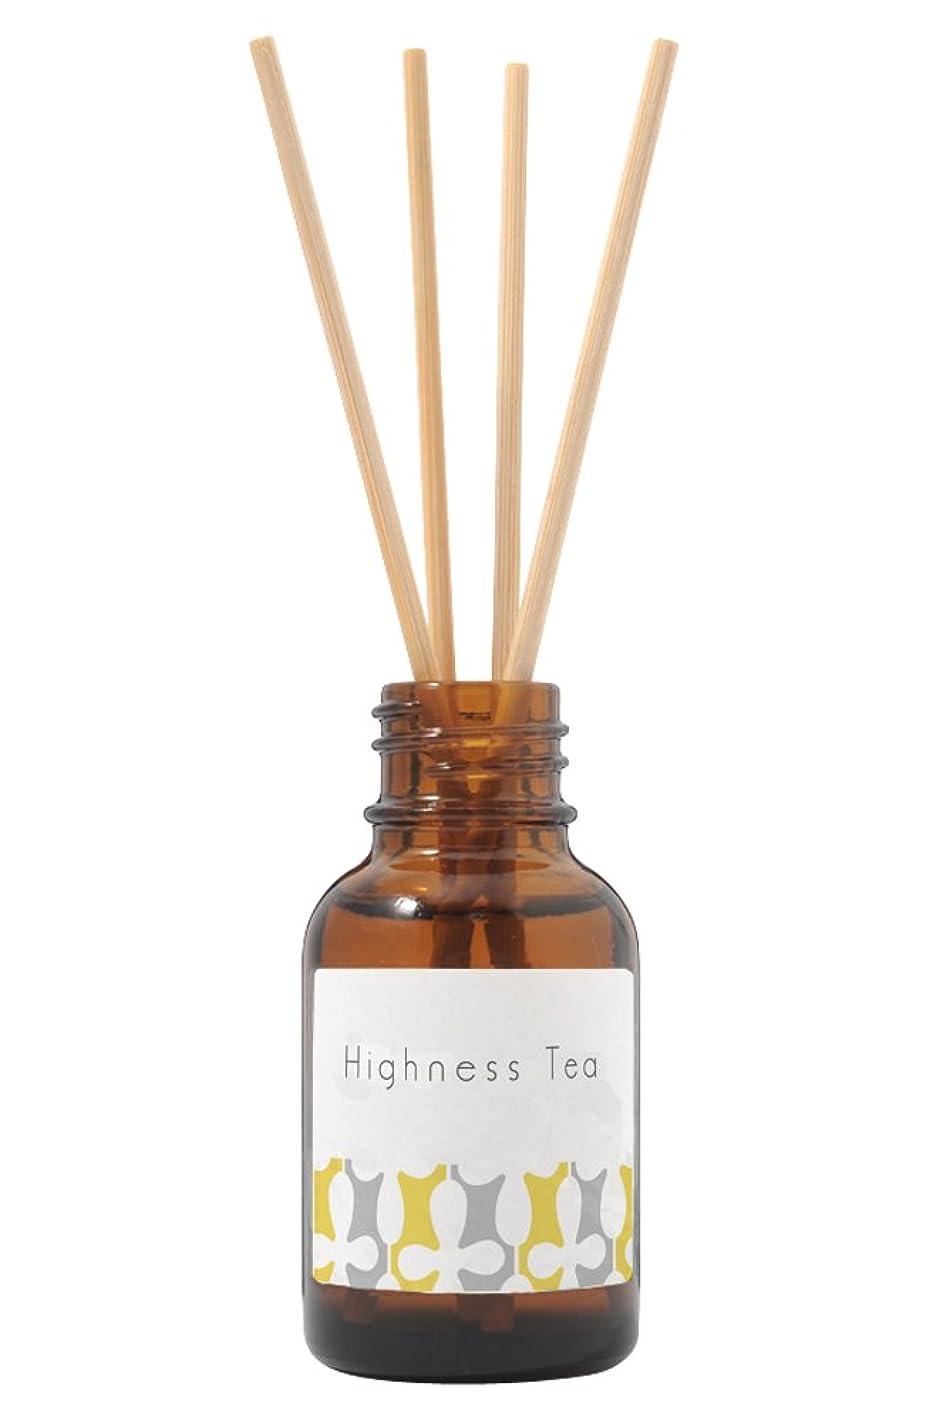 ピッチ以降爆発するHighness Tea( ハイネスティー) リードディフューザー 20ml